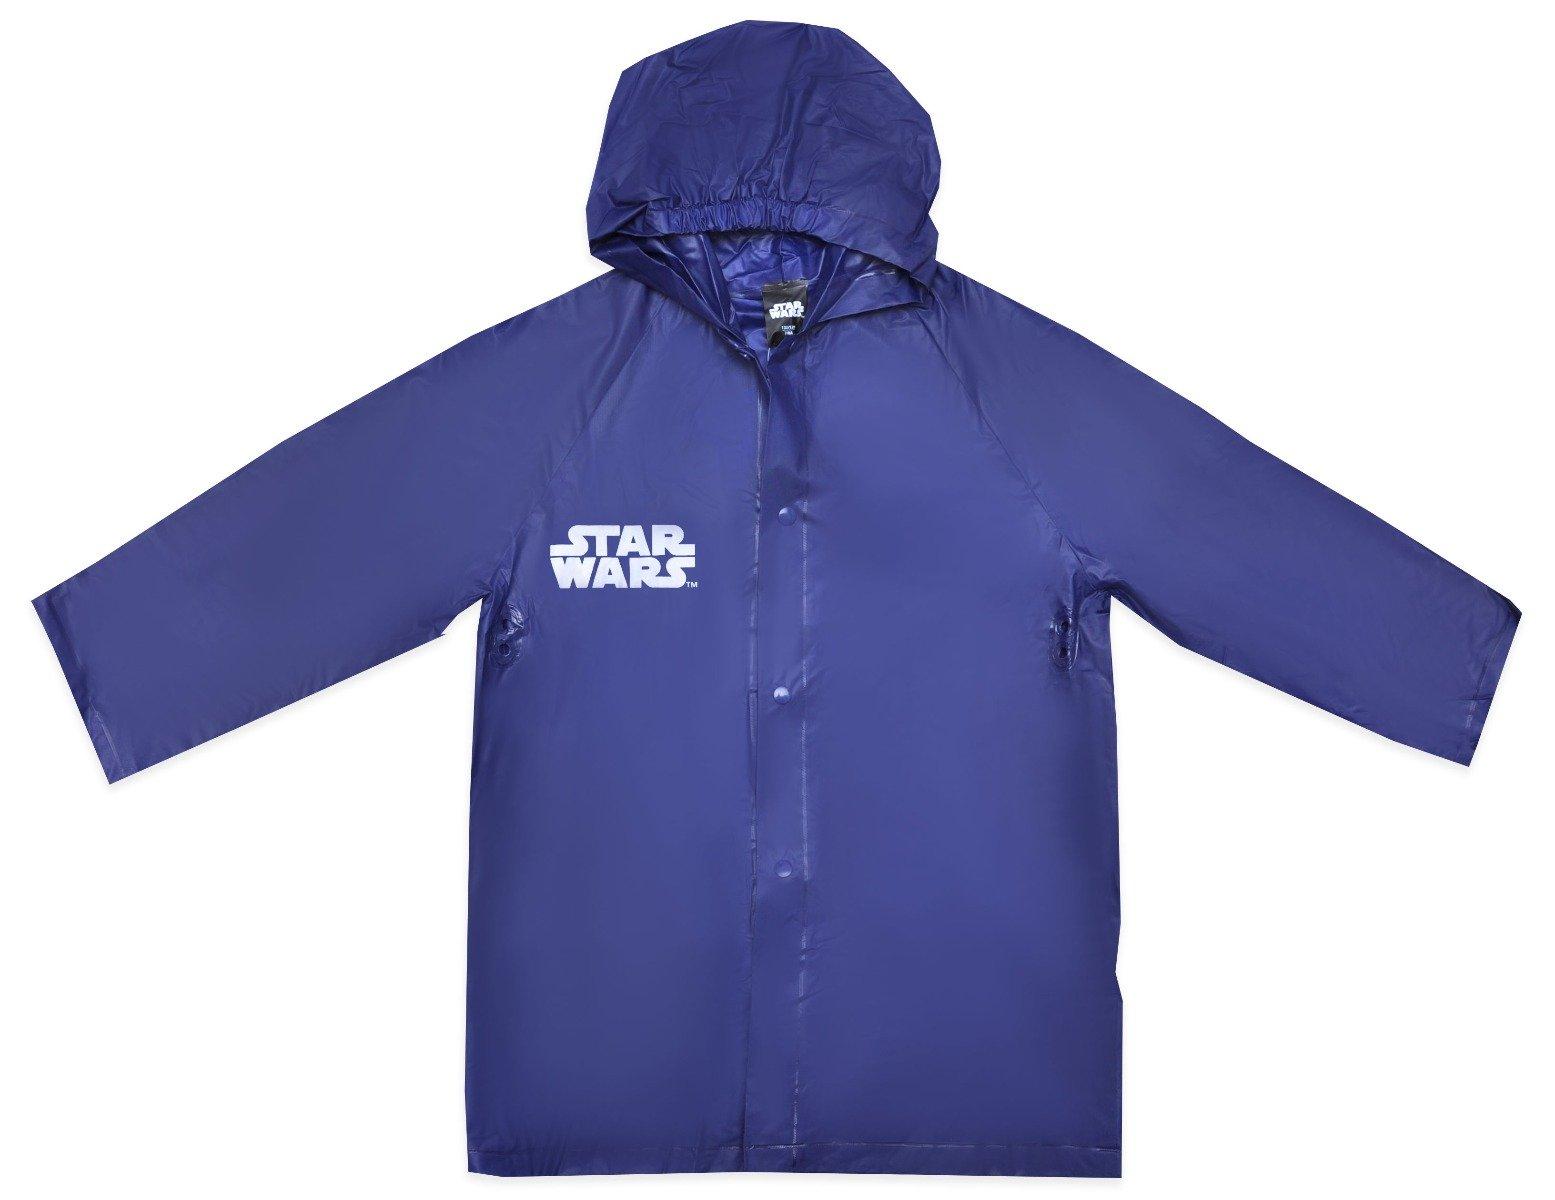 Pelerina de ploaie cu imprimeu Star Wars, Stormtrooper, Albastru